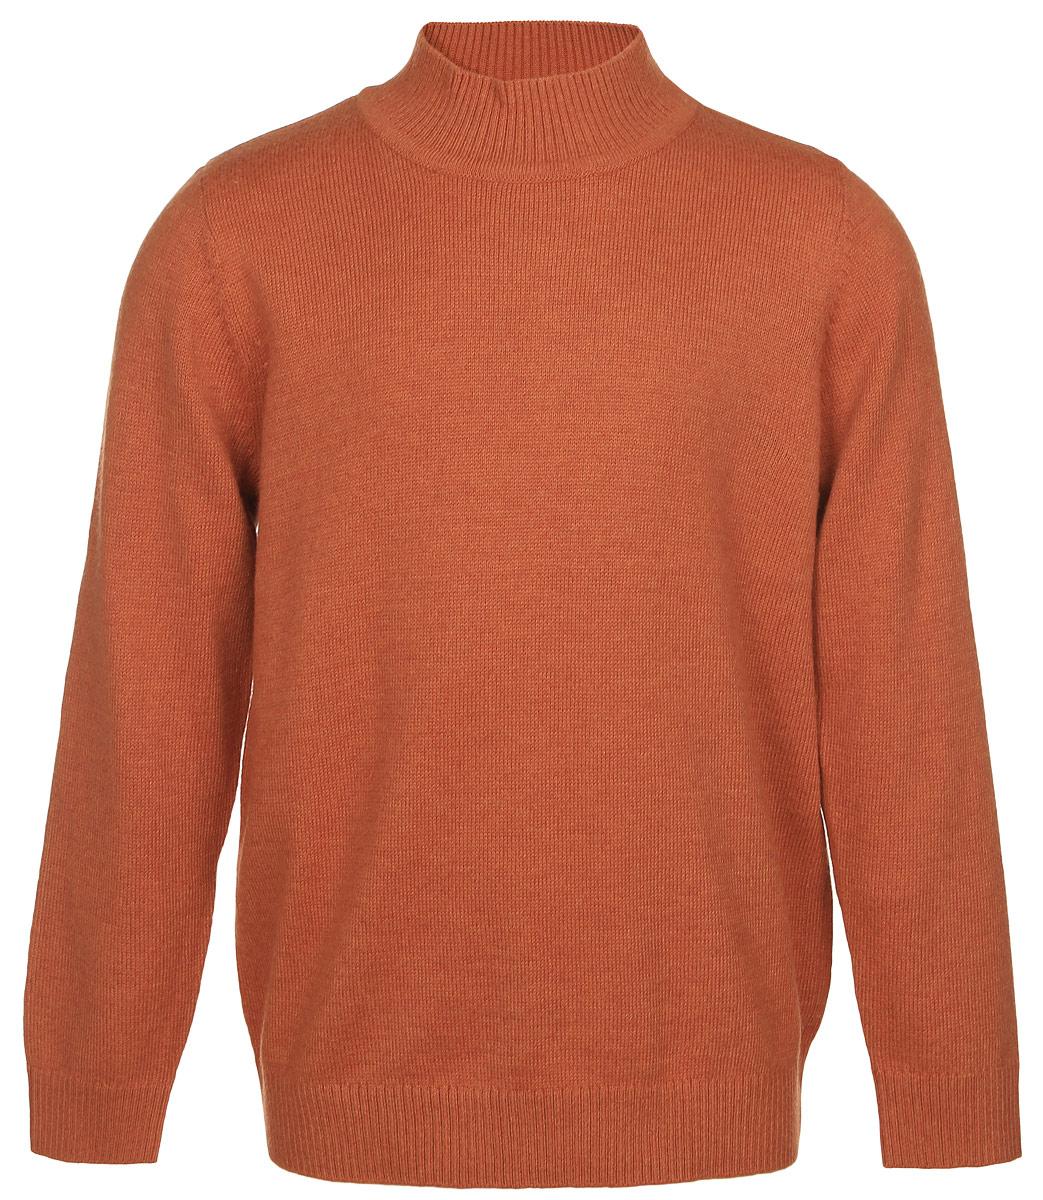 Джемпер для мальчика Sela, цвет: темно-оранжевый. JR-714/163-6332. Размер 110, 5 летJR-714/163-6332Джемпер для мальчика Sela идеально подойдет маленькому моднику. Изготовленный из хлопка с добавлением нейлона и шерсти, он необычайно мягкий и тактильно приятный, не стесняет движений, хорошо пропускает воздух. Джемпер с длинными рукавами имеет небольшой воротник-стойку. Воротник, манжеты и низ изделия связаны резинкой, что предотвращает деформацию при носке. Дизайн и расцветка делают этот джемпер стильным и модным предметом детского гардероба. В нем ребенку будет уютно и тепло!